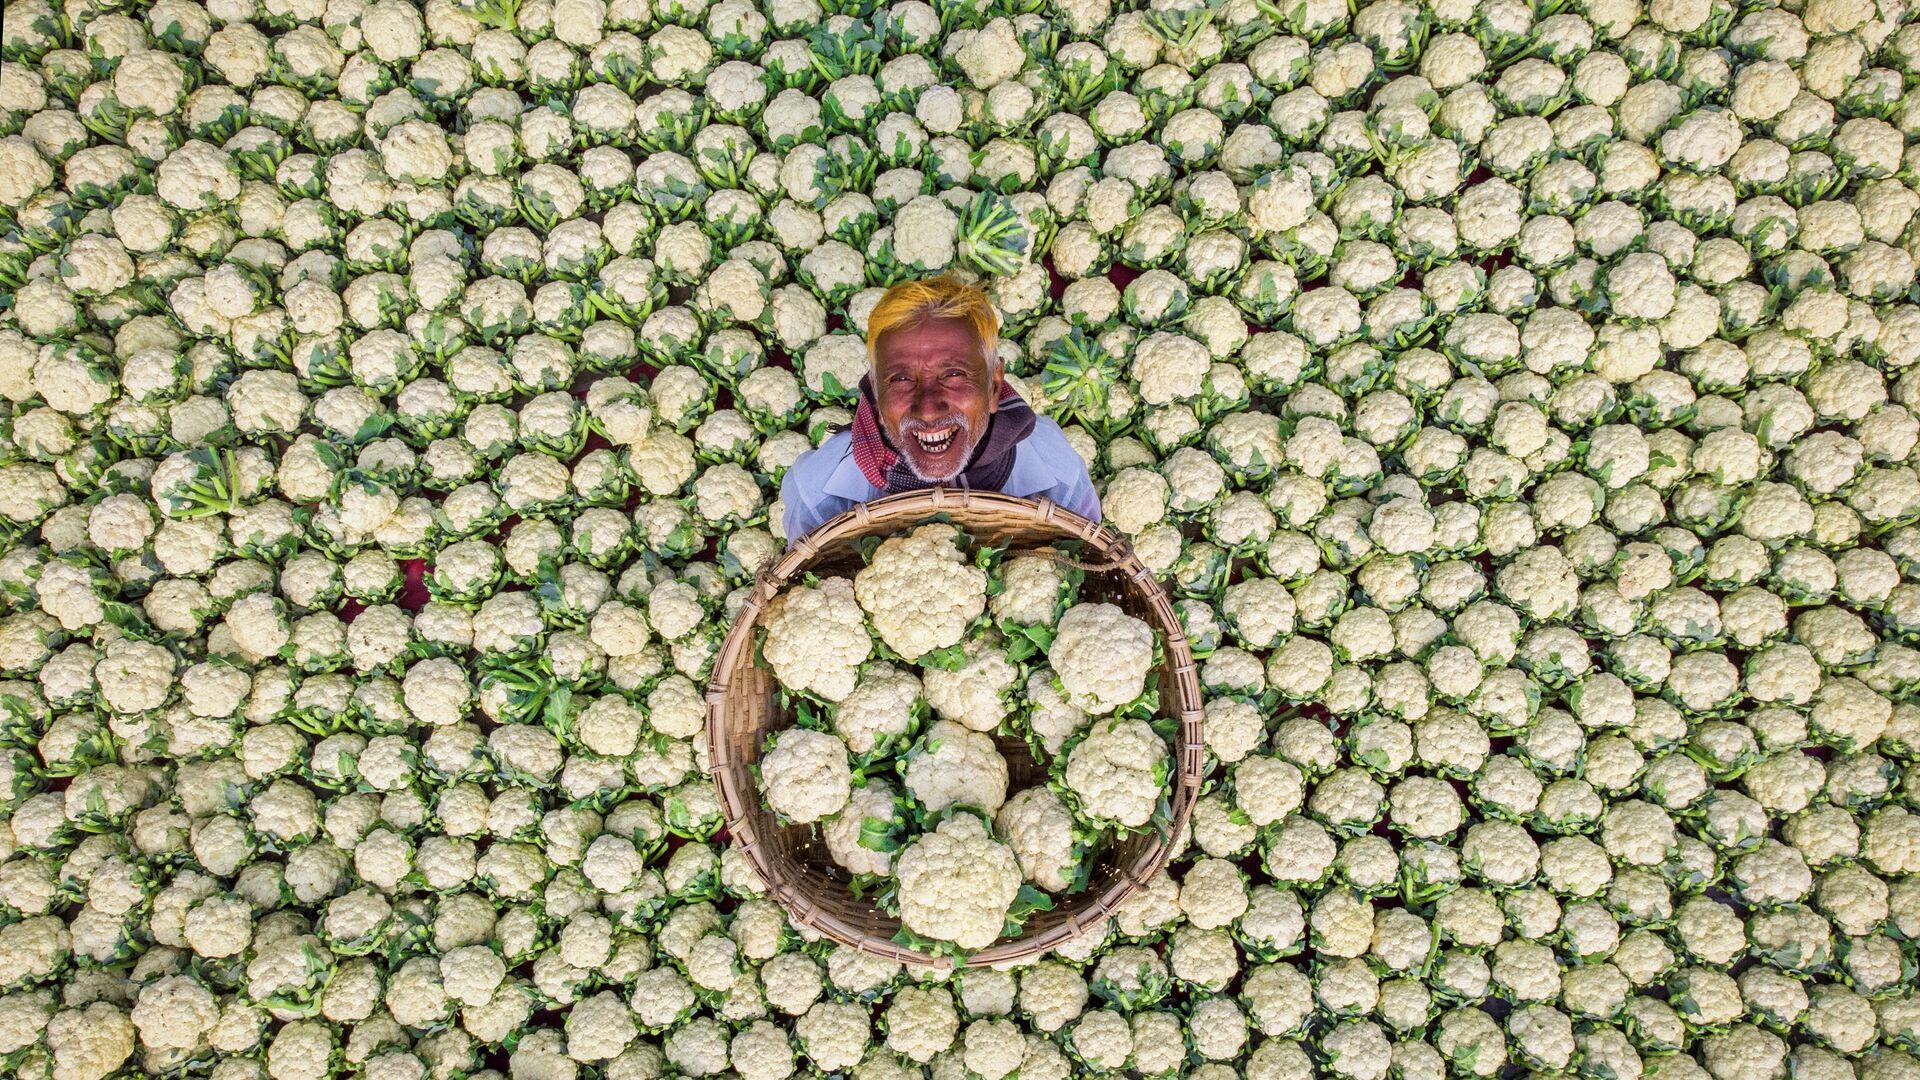 'Granjero feliz', fotografía individual de Rafid Yasar de Bangladesh, la mejor obra  del Concurso Internacional de Fotoperiodismo - Sputnik Mundo, 1920, 05.08.2021